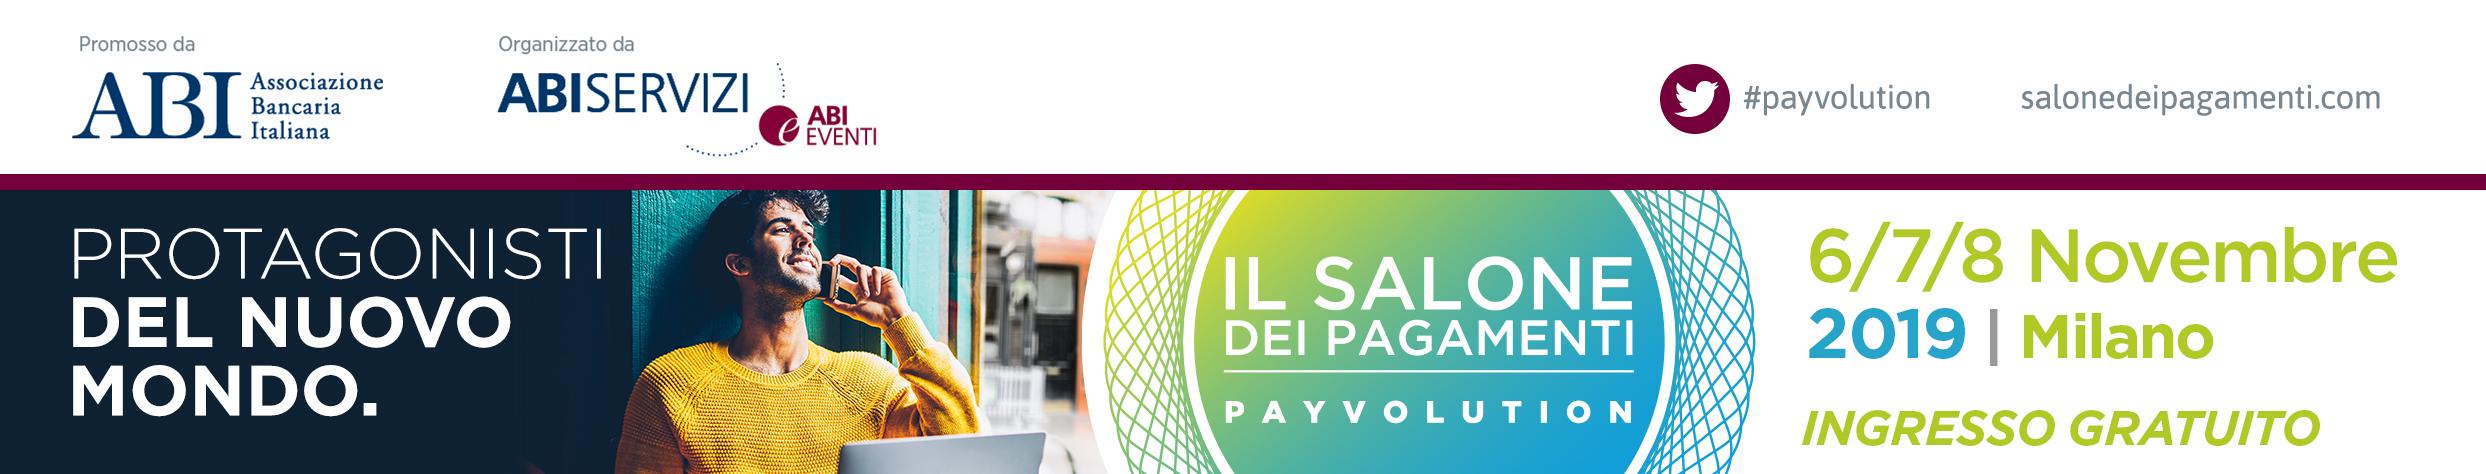 Newsletter - Il Salone dei Pagamenti